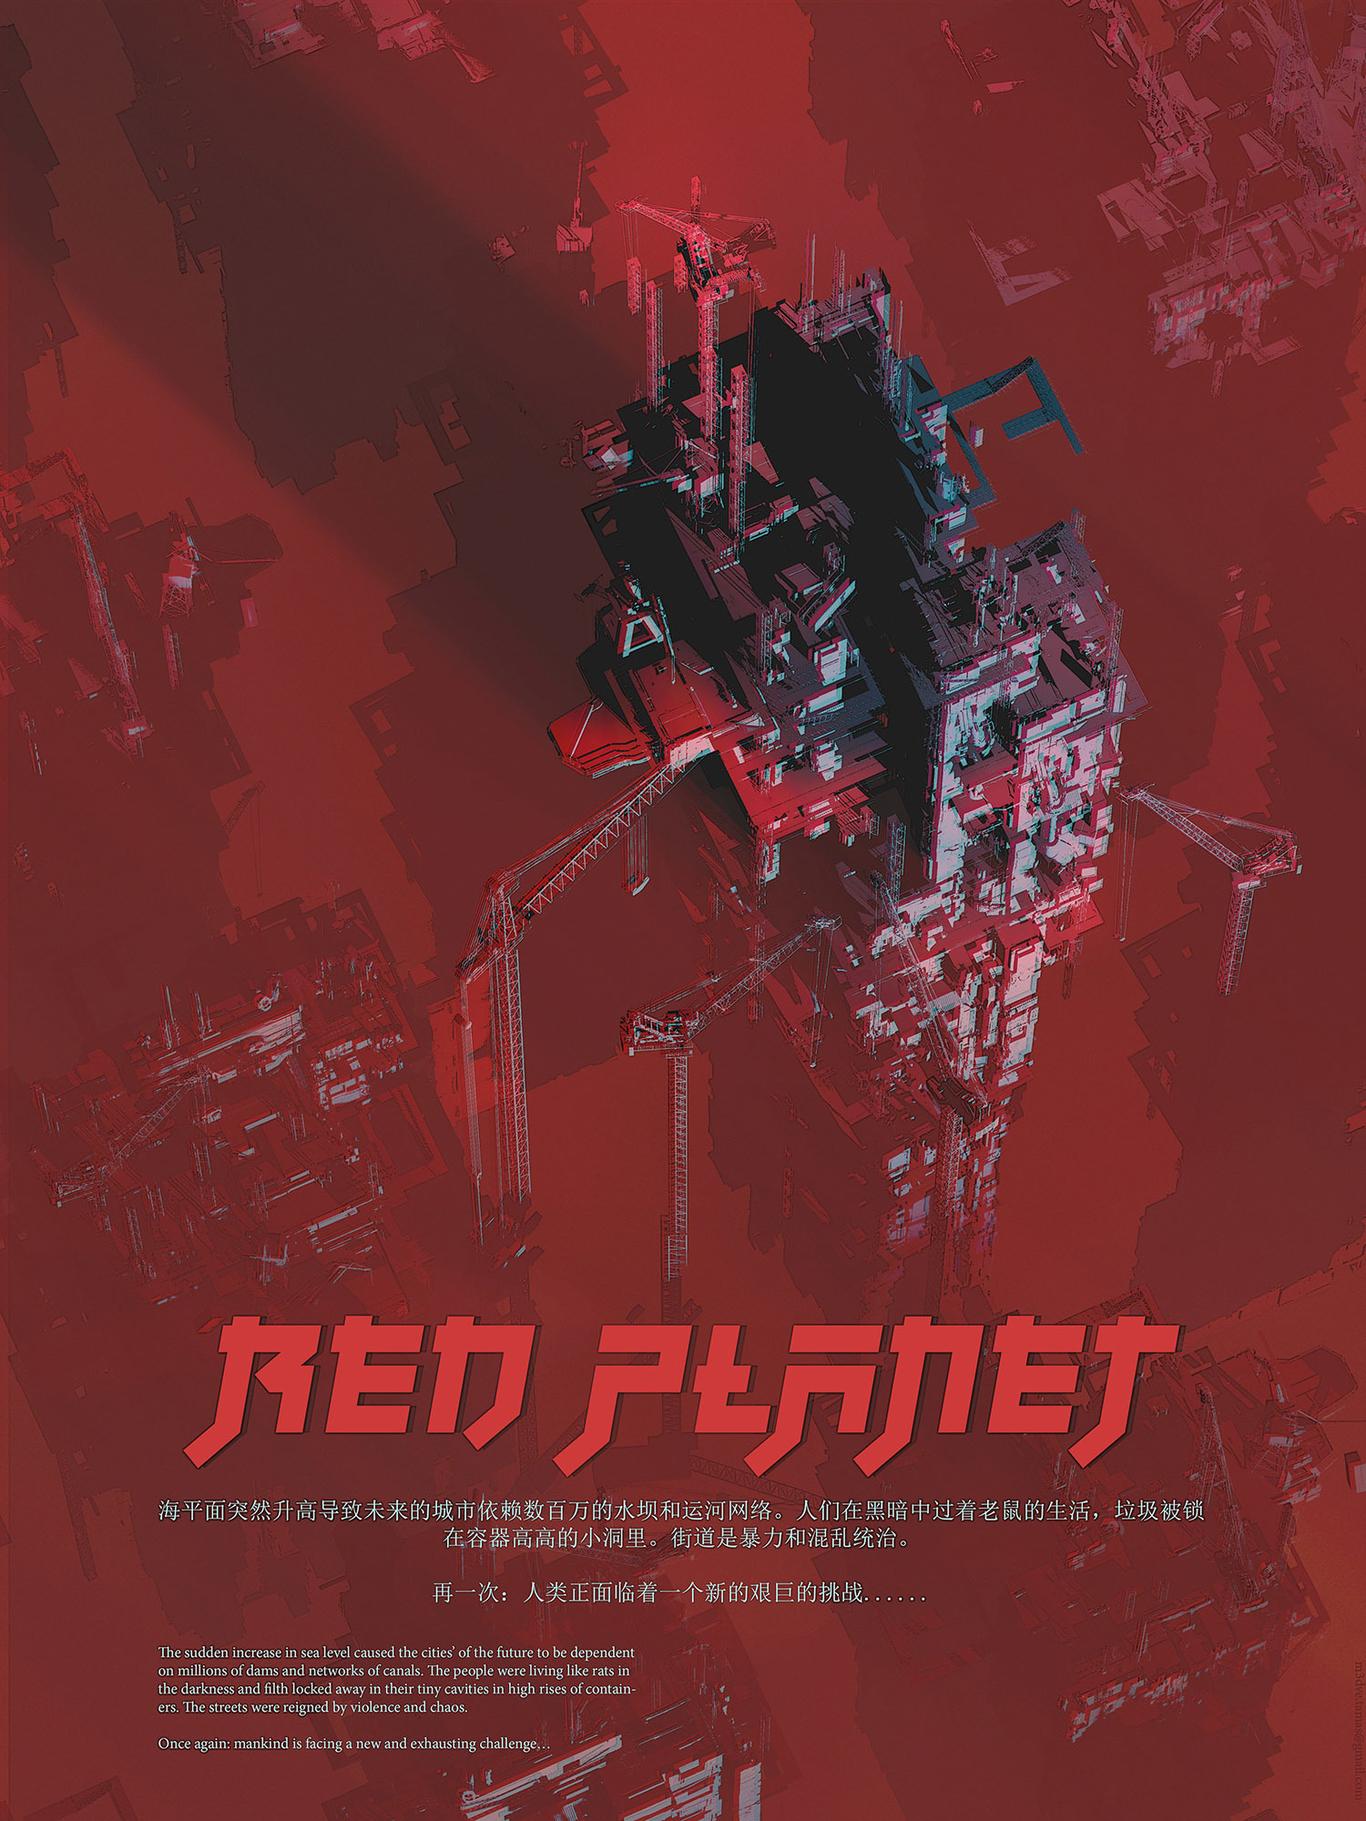 M3dve red planet 1 165de3d6 0m55